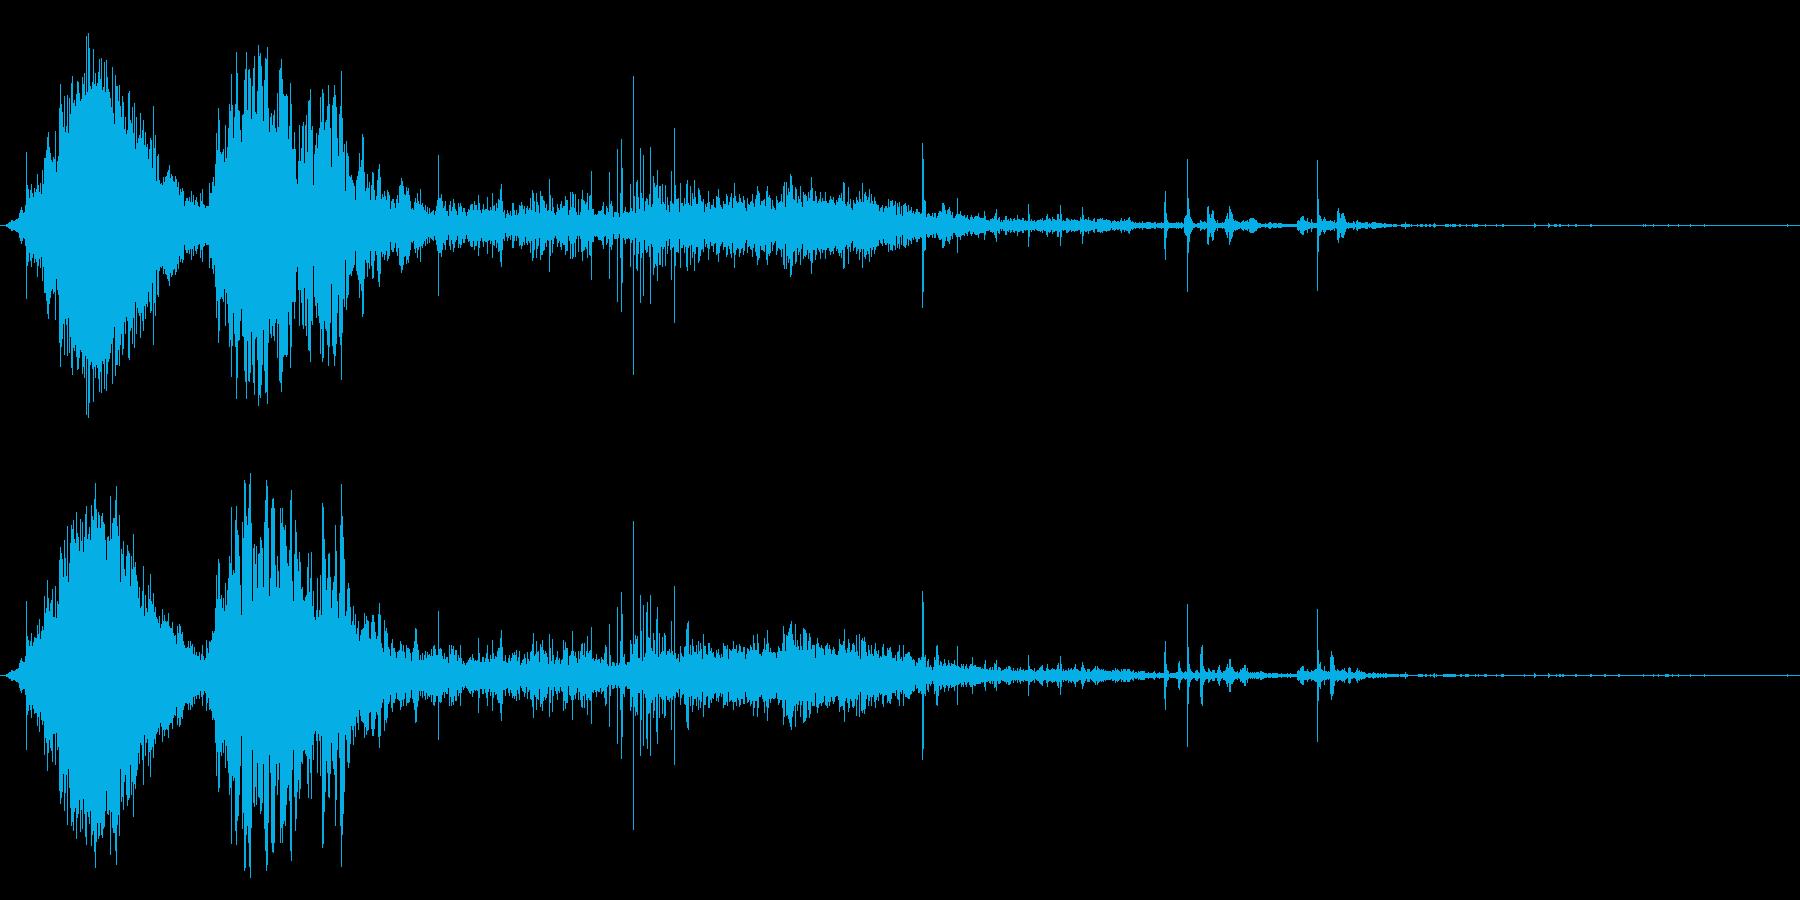 斬撃音(刀や剣で斬る/刺す効果音)12の再生済みの波形